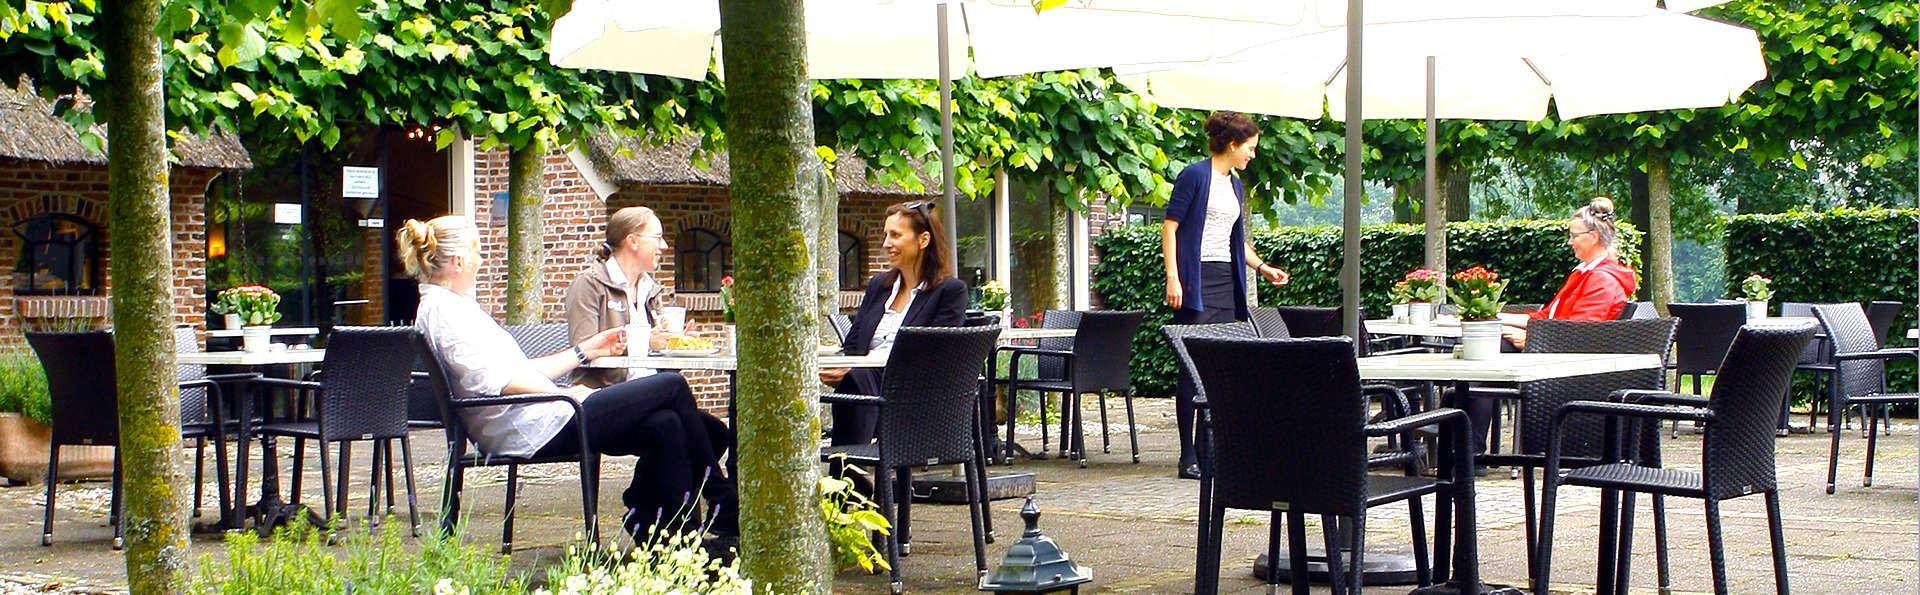 Détente dans la belle province de Drenthe